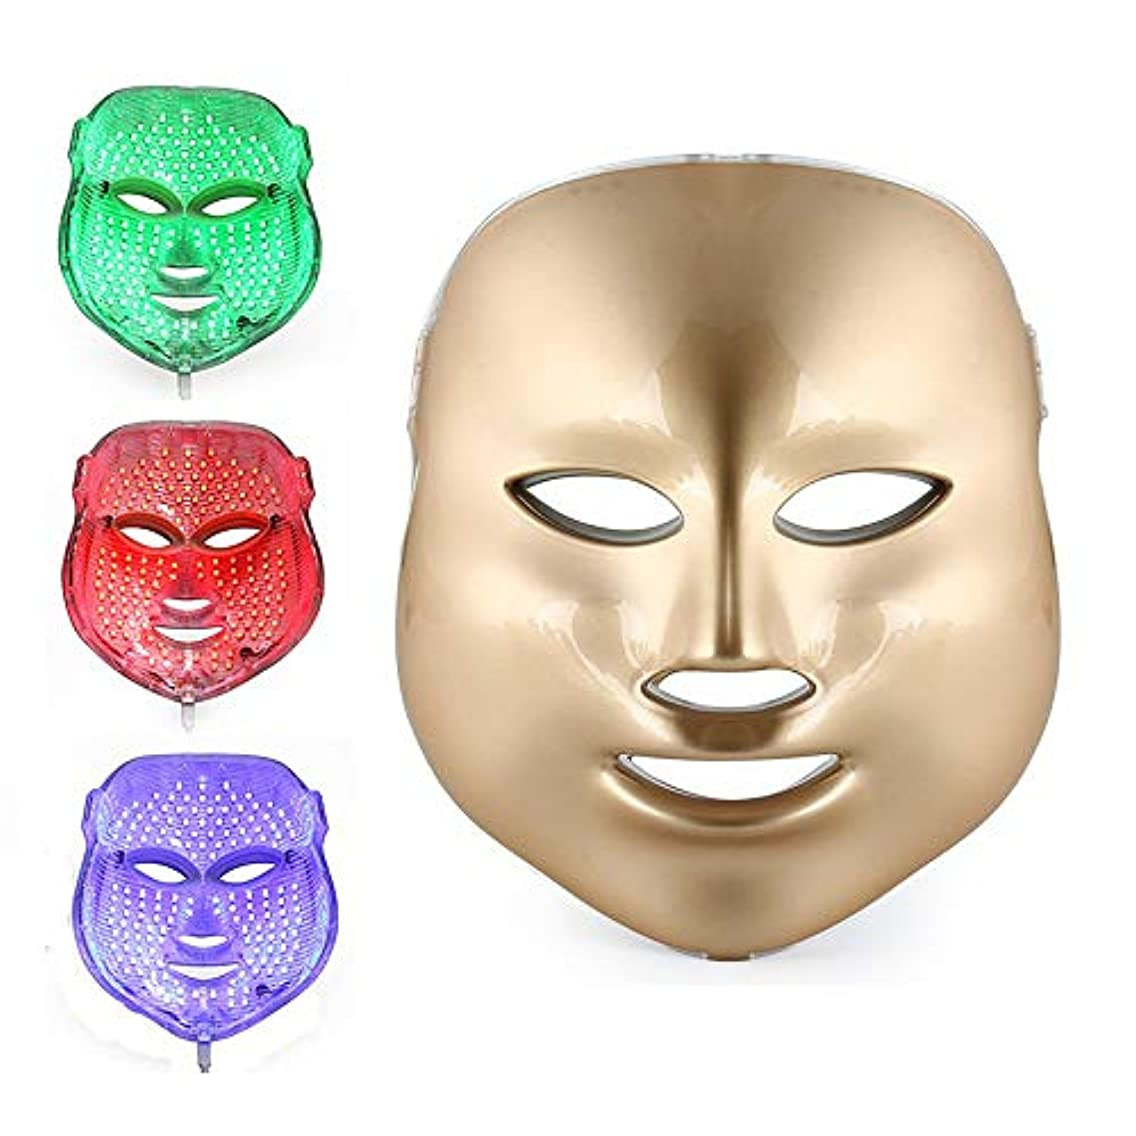 再びコンベンションパネルフォトンセラピー3色LEDマスクゴールドLEDライトセラピートリートメントフェイシャルビューティースキンケアにきびしわホワイトニング用フォトンセラピーマスク